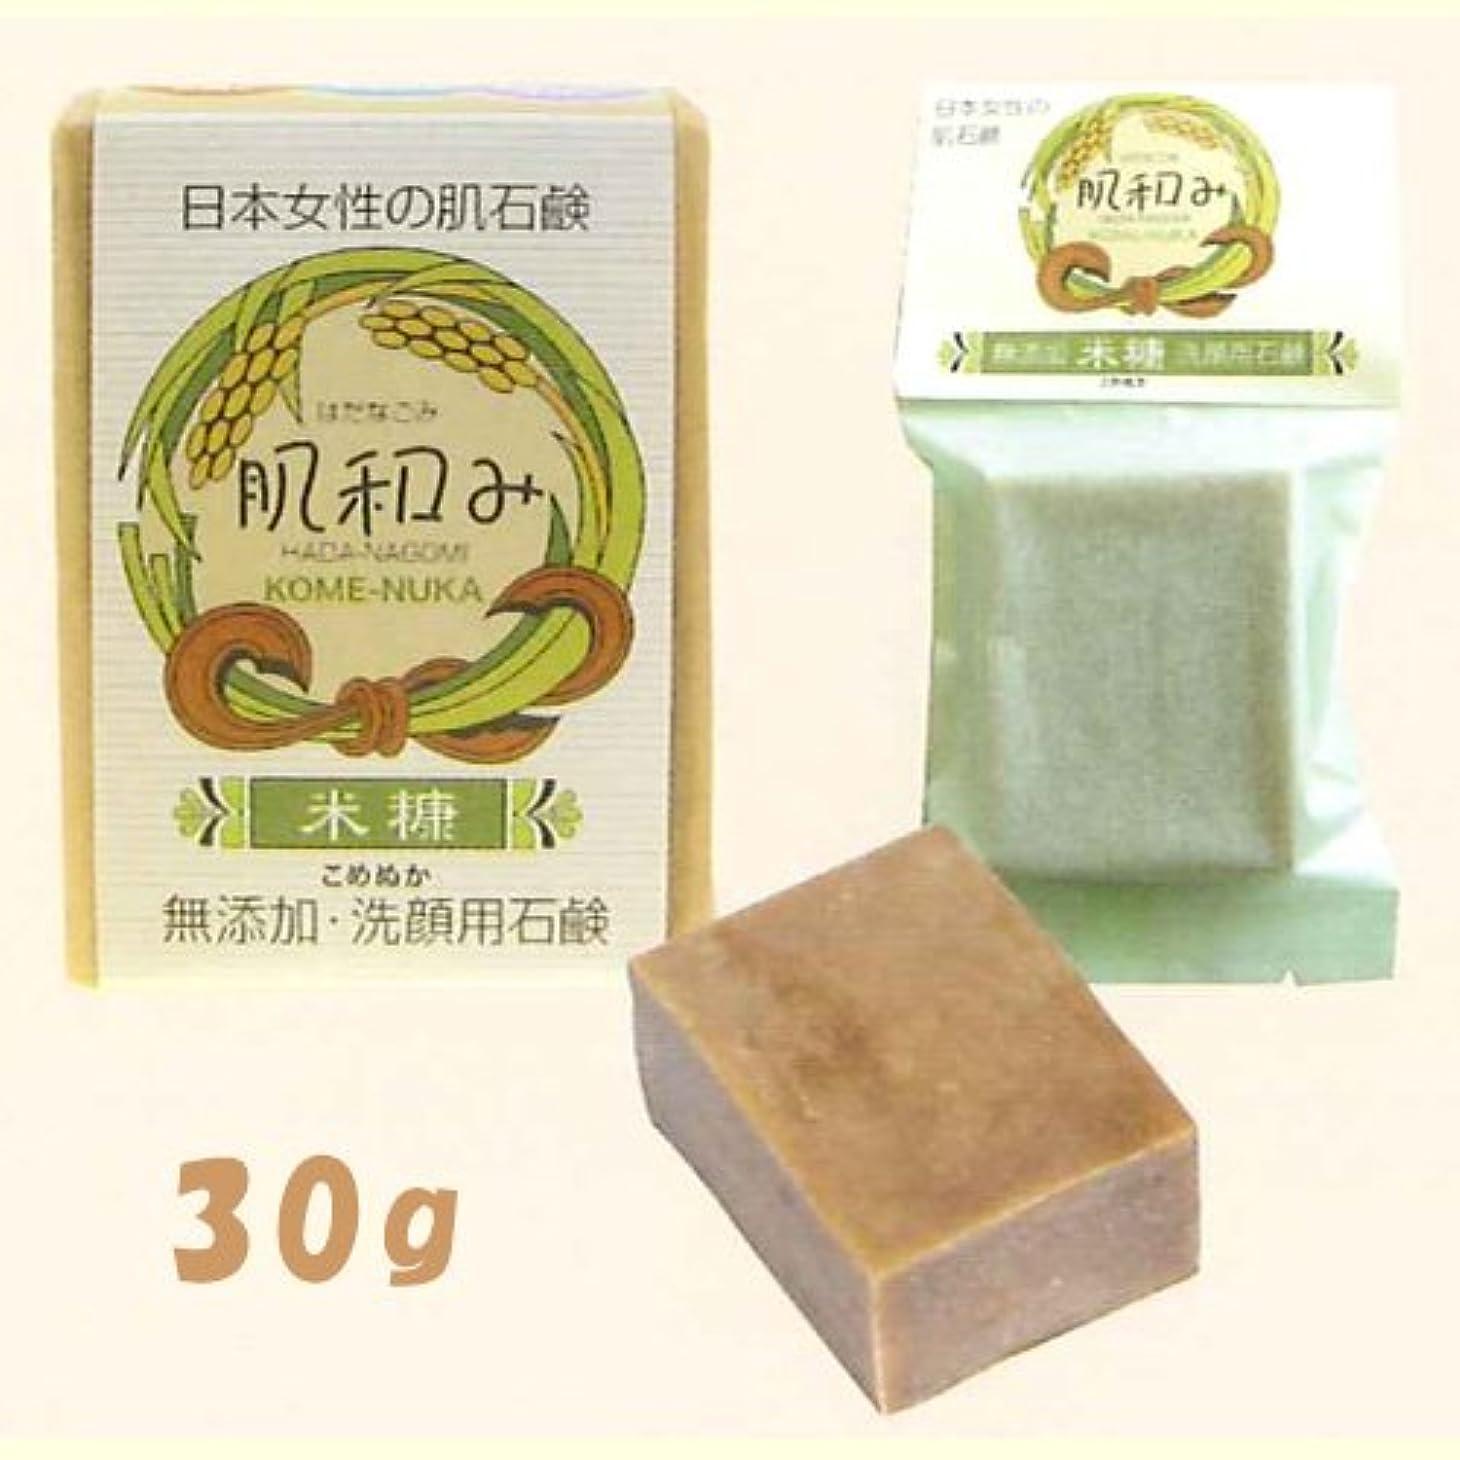 交換マリン見分ける米糠石鹸 肌和み 無添加ソープ 30g